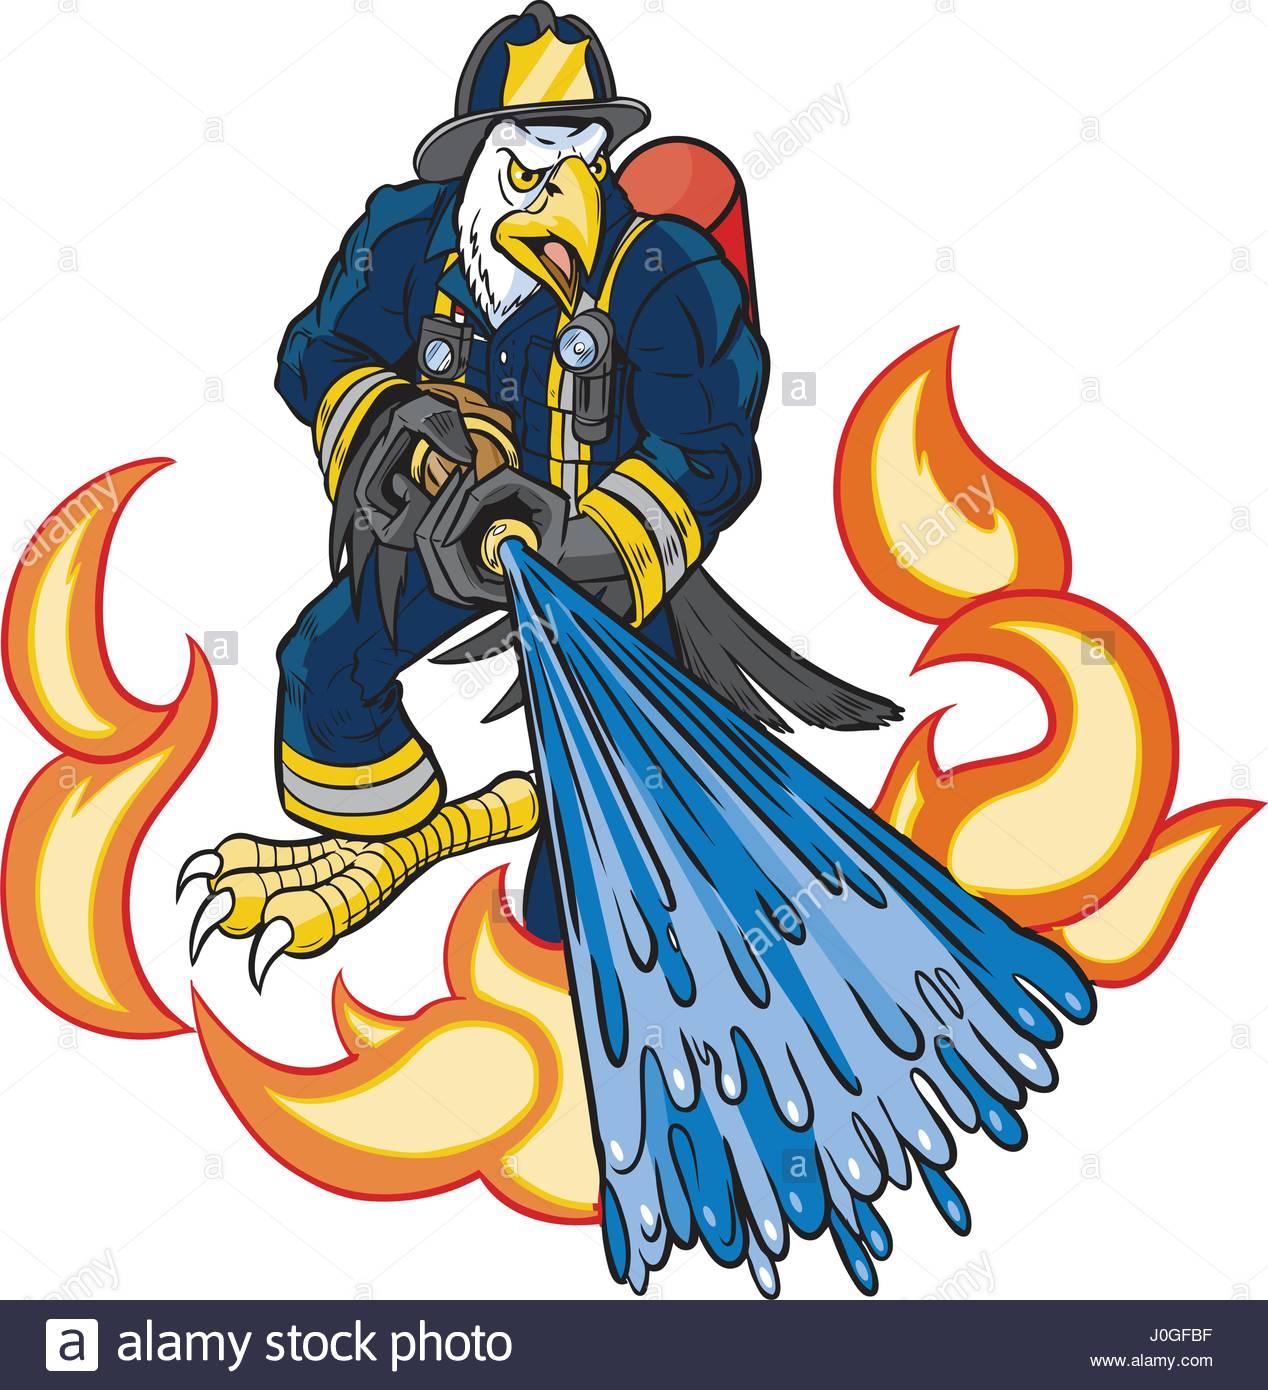 1268x1390 Vector Cartoon Clip Art Illustration Of A Tough Mean Bald Eagle